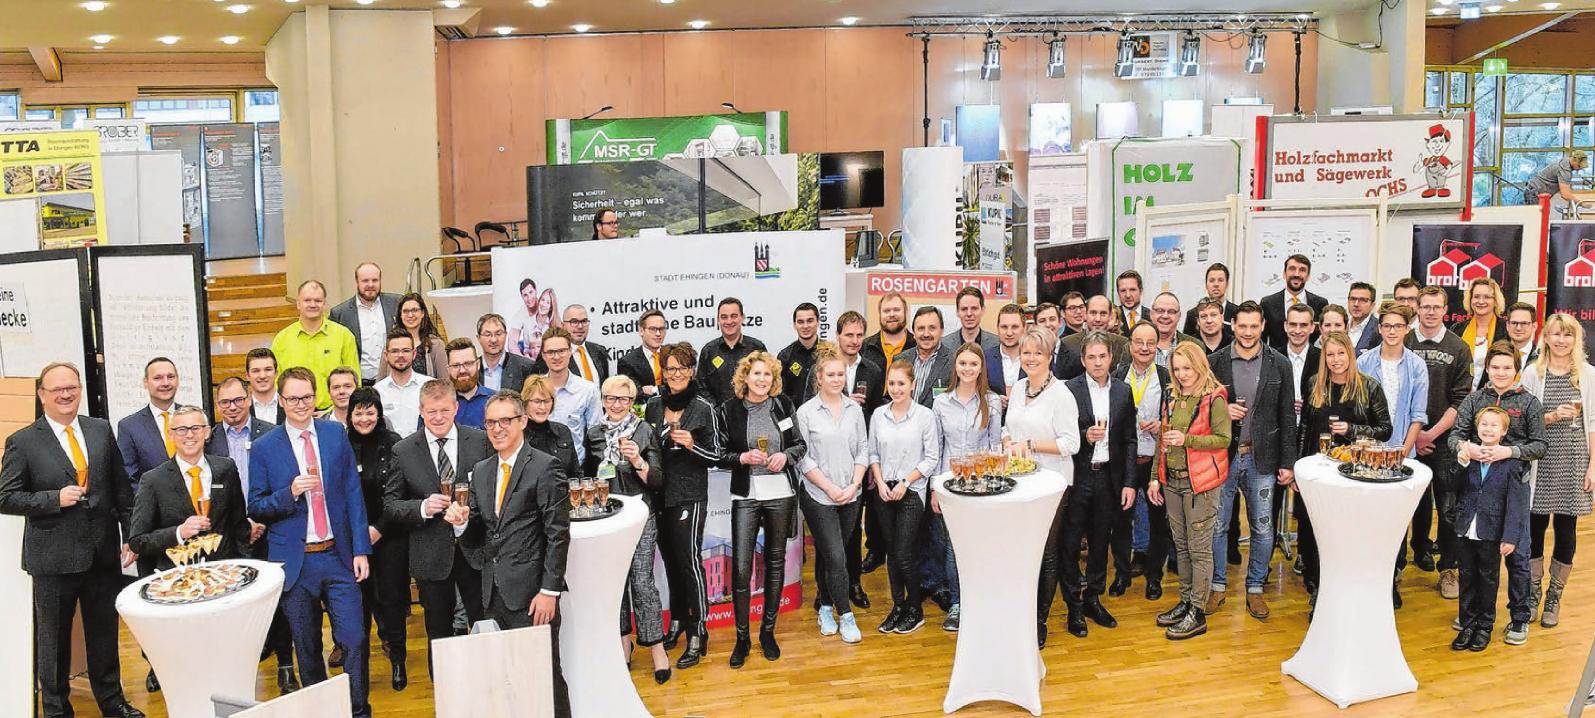 Das ImmobilienForum der Donau-Iller Bank mit ihren Partnern bietet hautnah und kompetent Informationen rund ums Bauen, Modernisieren, Sanieren, Energiesparen und Finanzieren.Fotos: Jürgen Emmenlauer